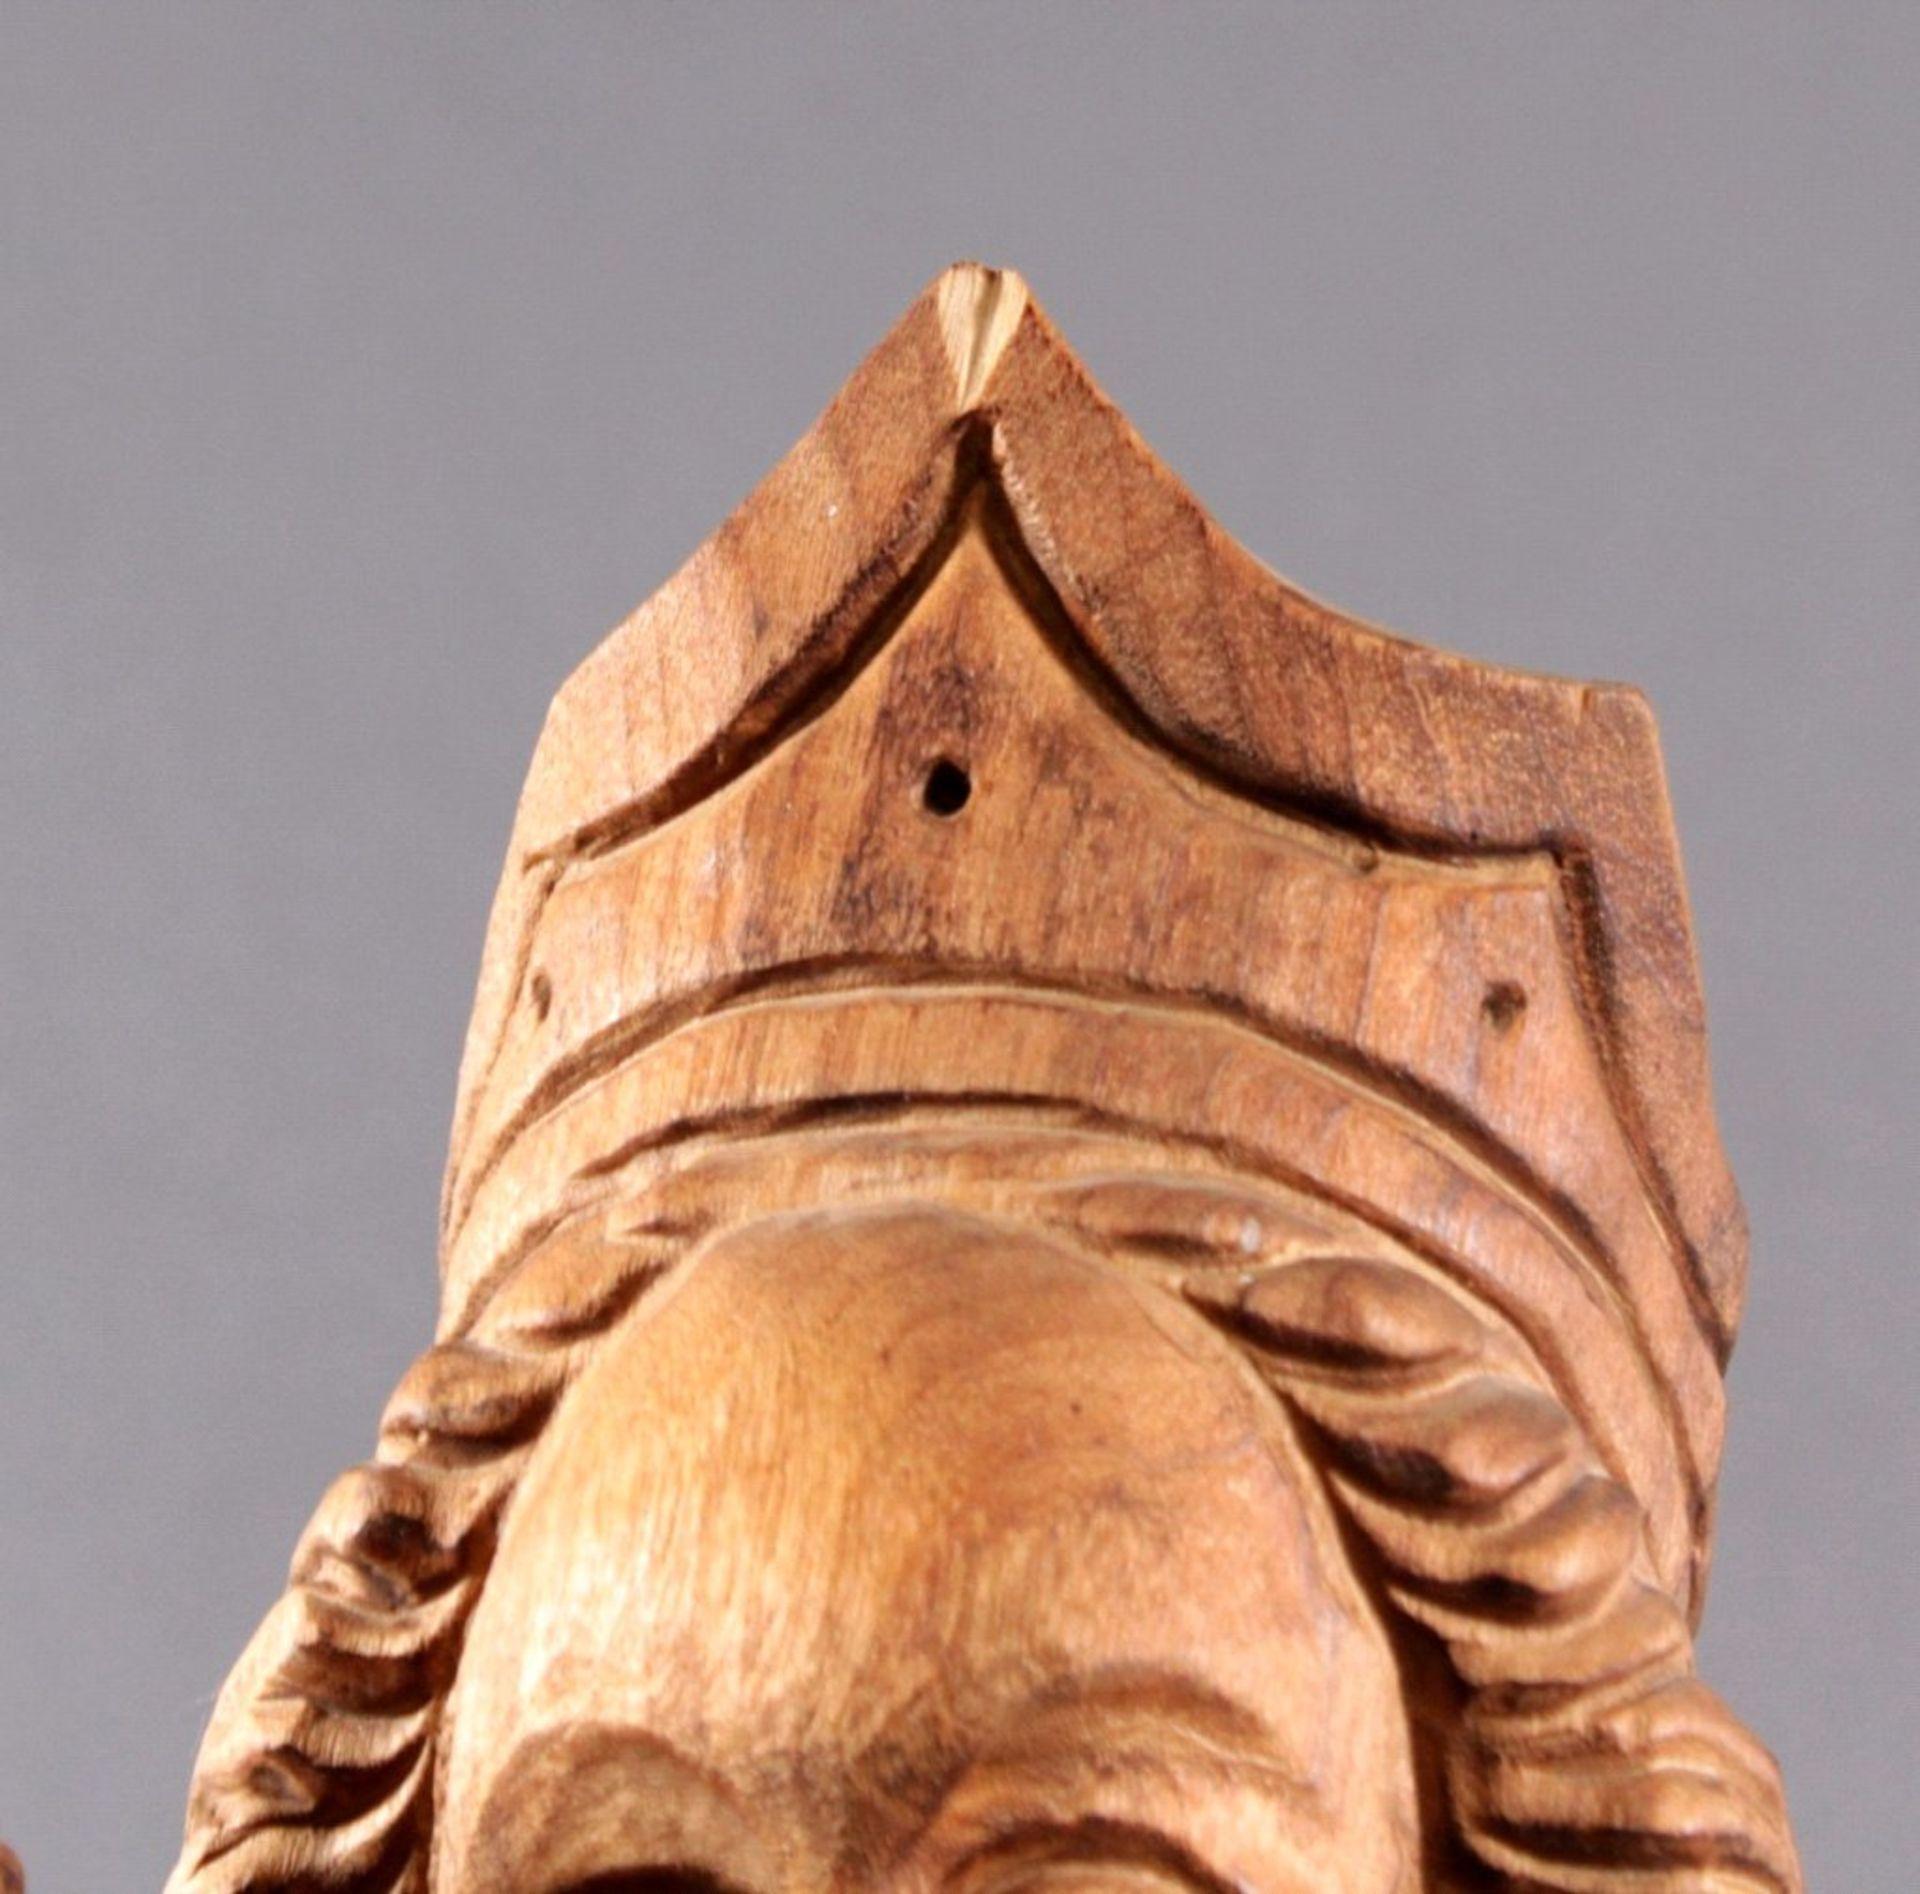 Holzskulptur, Madonna mit Kind und ZepterAus dem Vollholz geschnitzt, Zepter ist lose, ca. H- 77 cm - Bild 2 aus 3